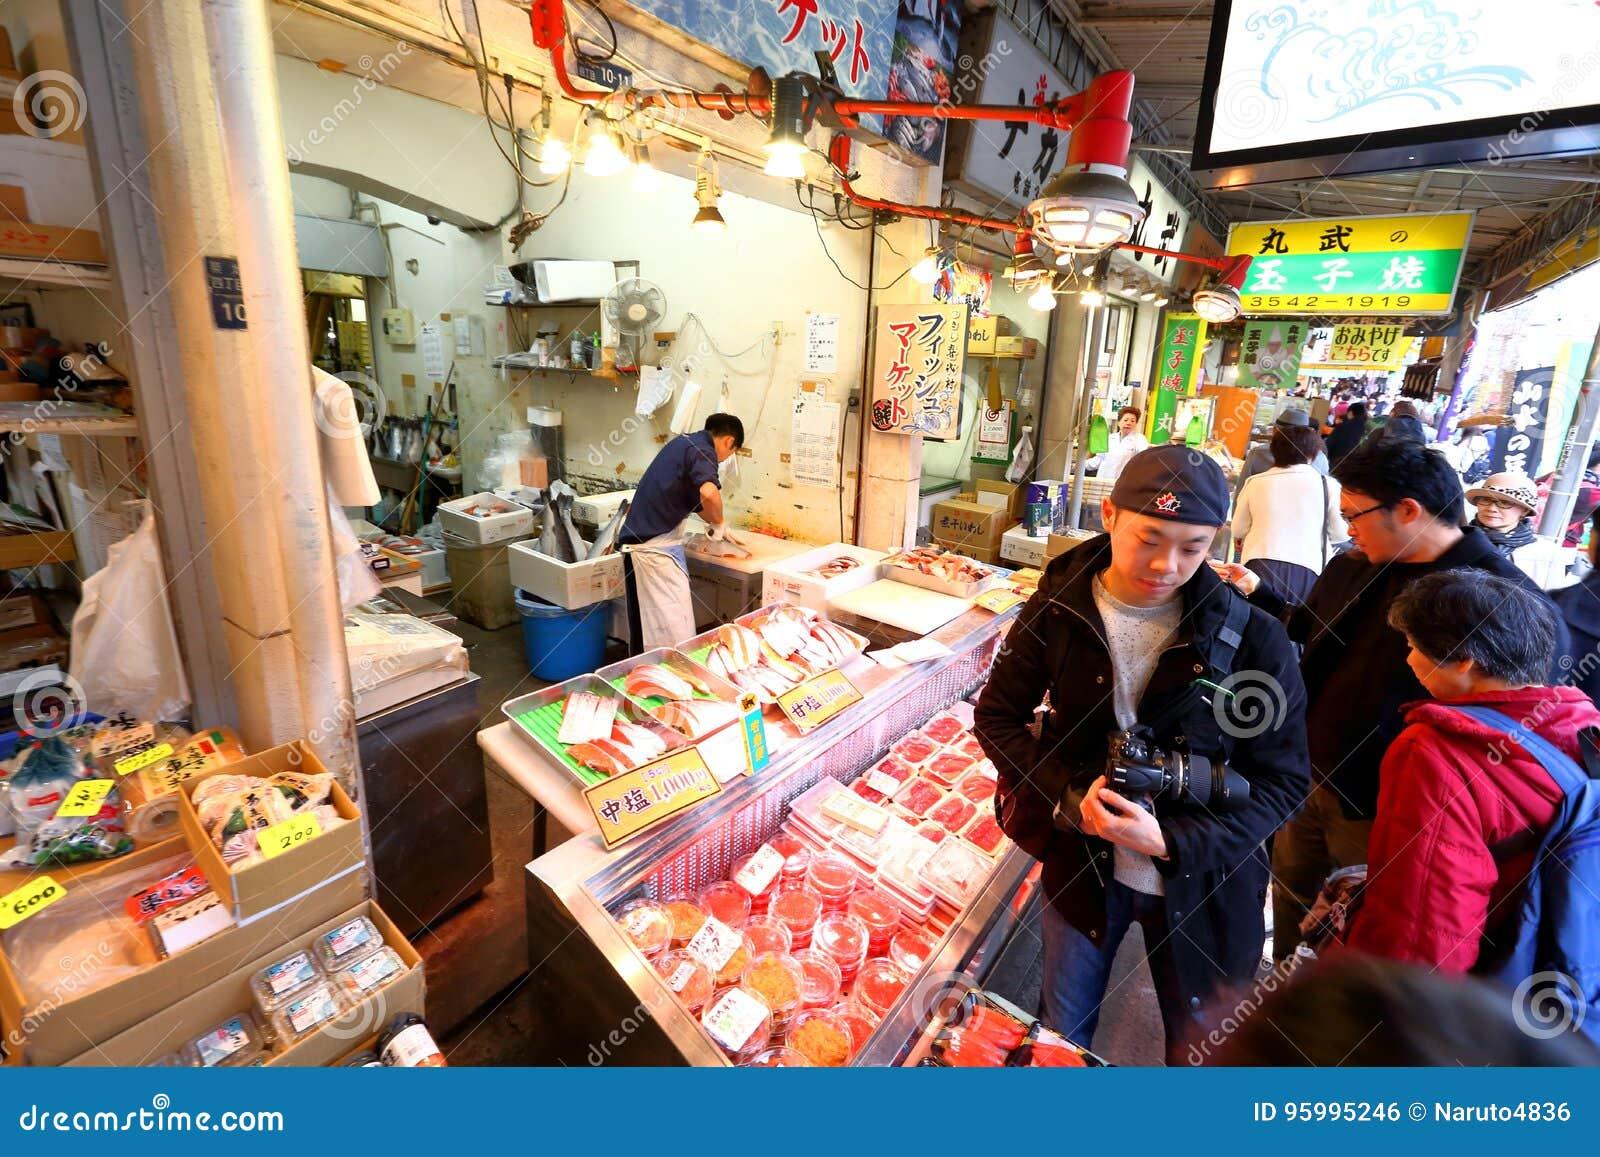 Tokyo: Tsukiji Seafood Fish Market